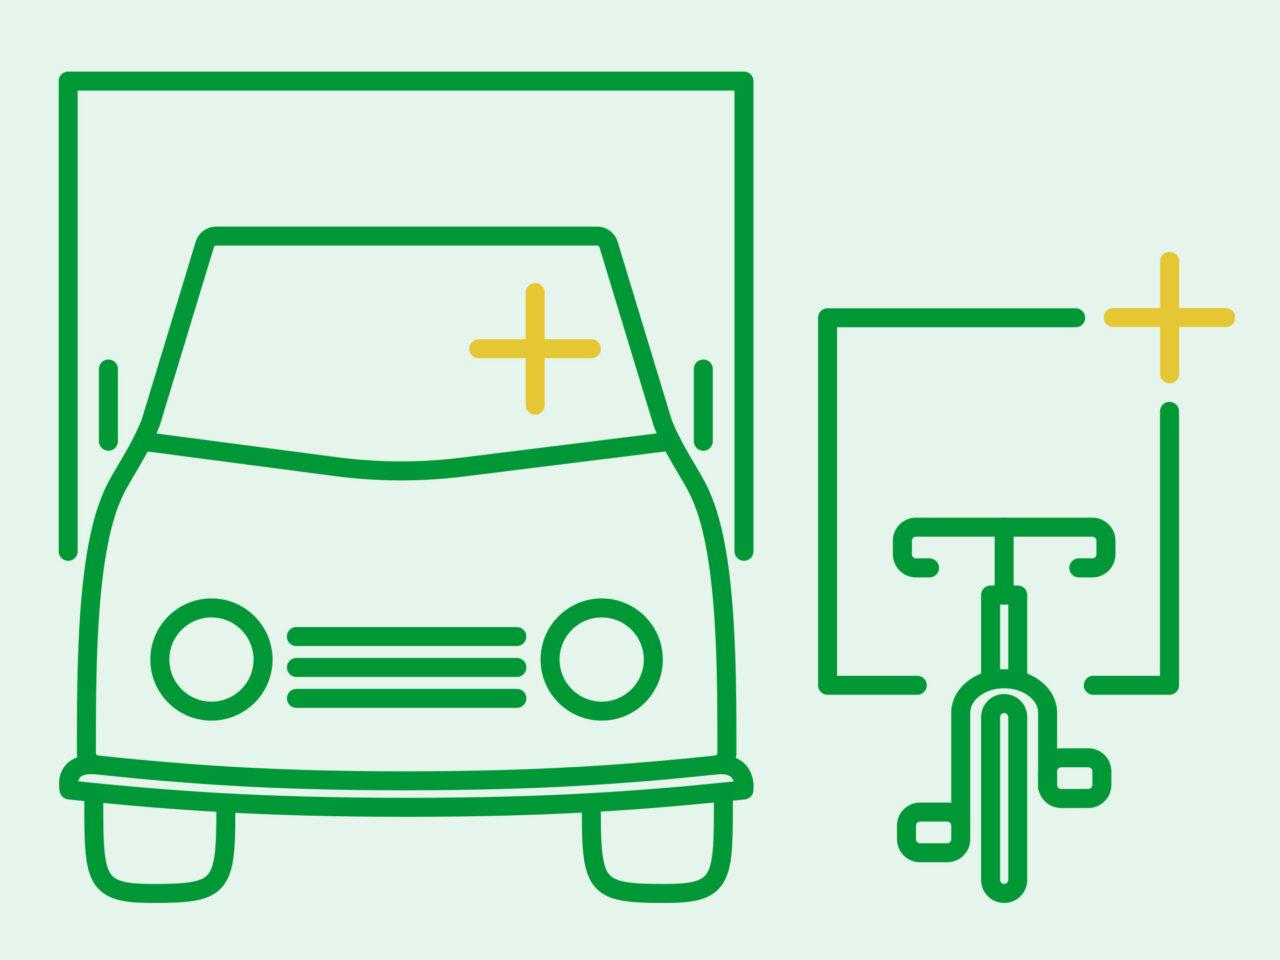 ikon, budtransporter, cykelbud, scooterbud, mopedbud, transporter, lastbil, skåpbil, miljömärkning, illustration, grön